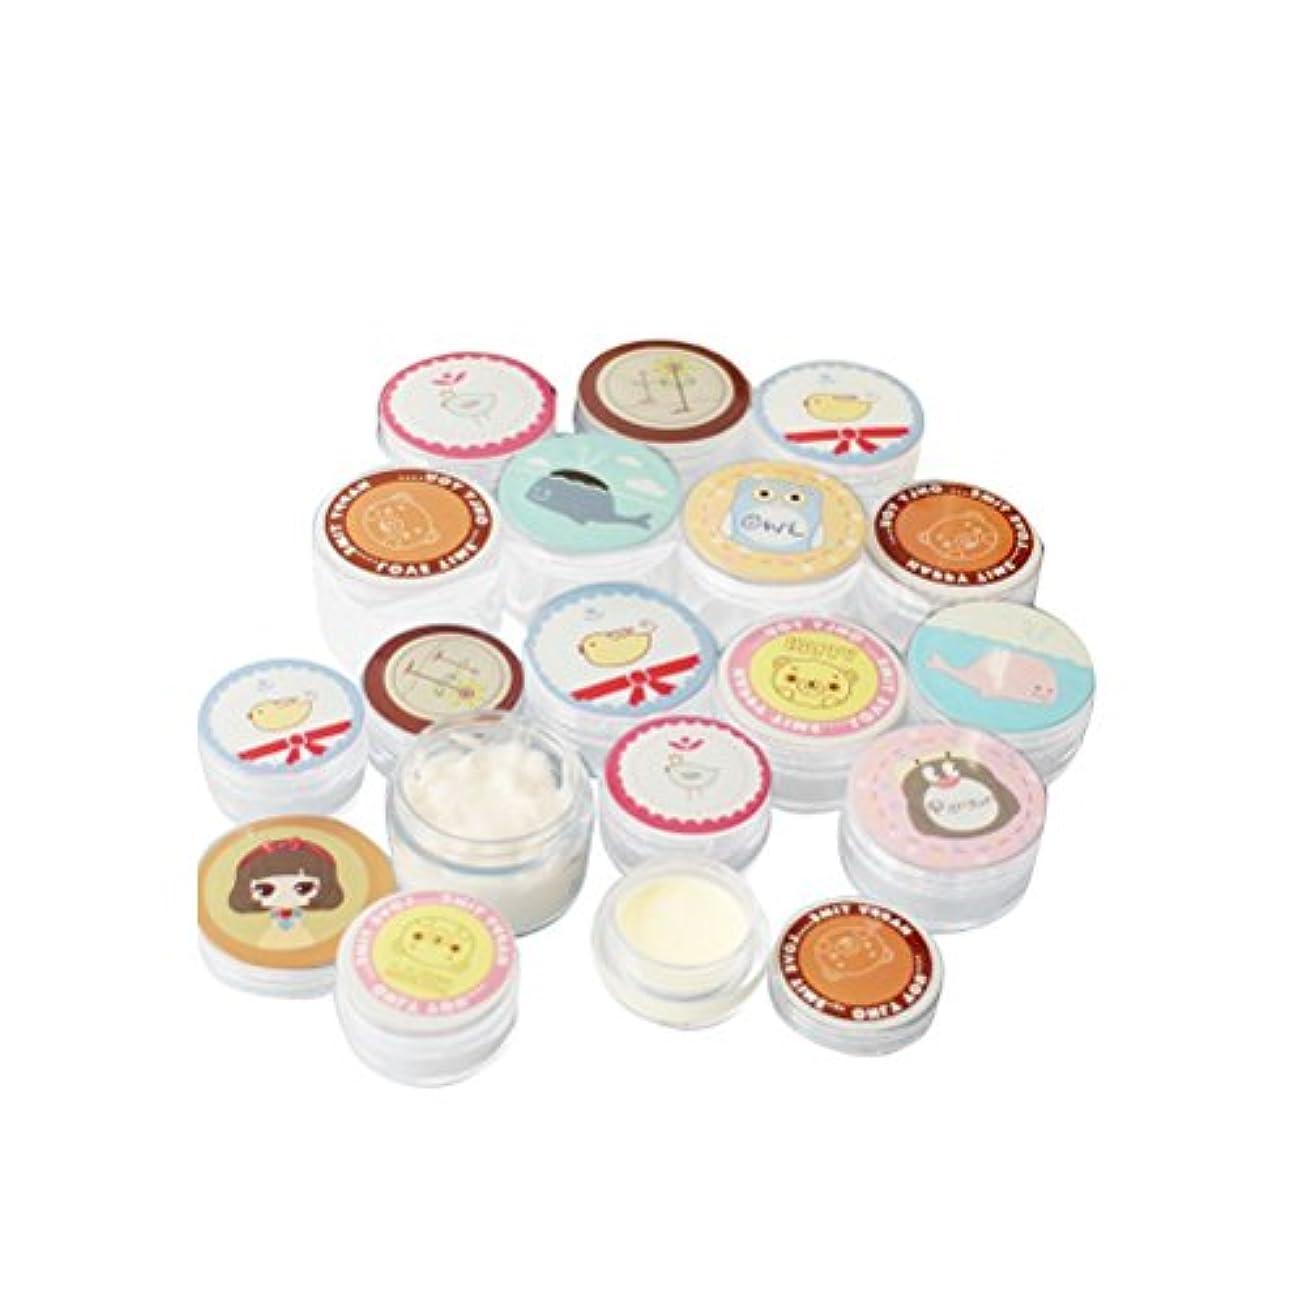 (メイクアップエーシーシー) MakeupAcc小分け容器 化粧品 クリーム 軟膏 空容器 キャップミニ缶 2個入り スティック セット 15g 22g 27g (M) [並行輸入品]